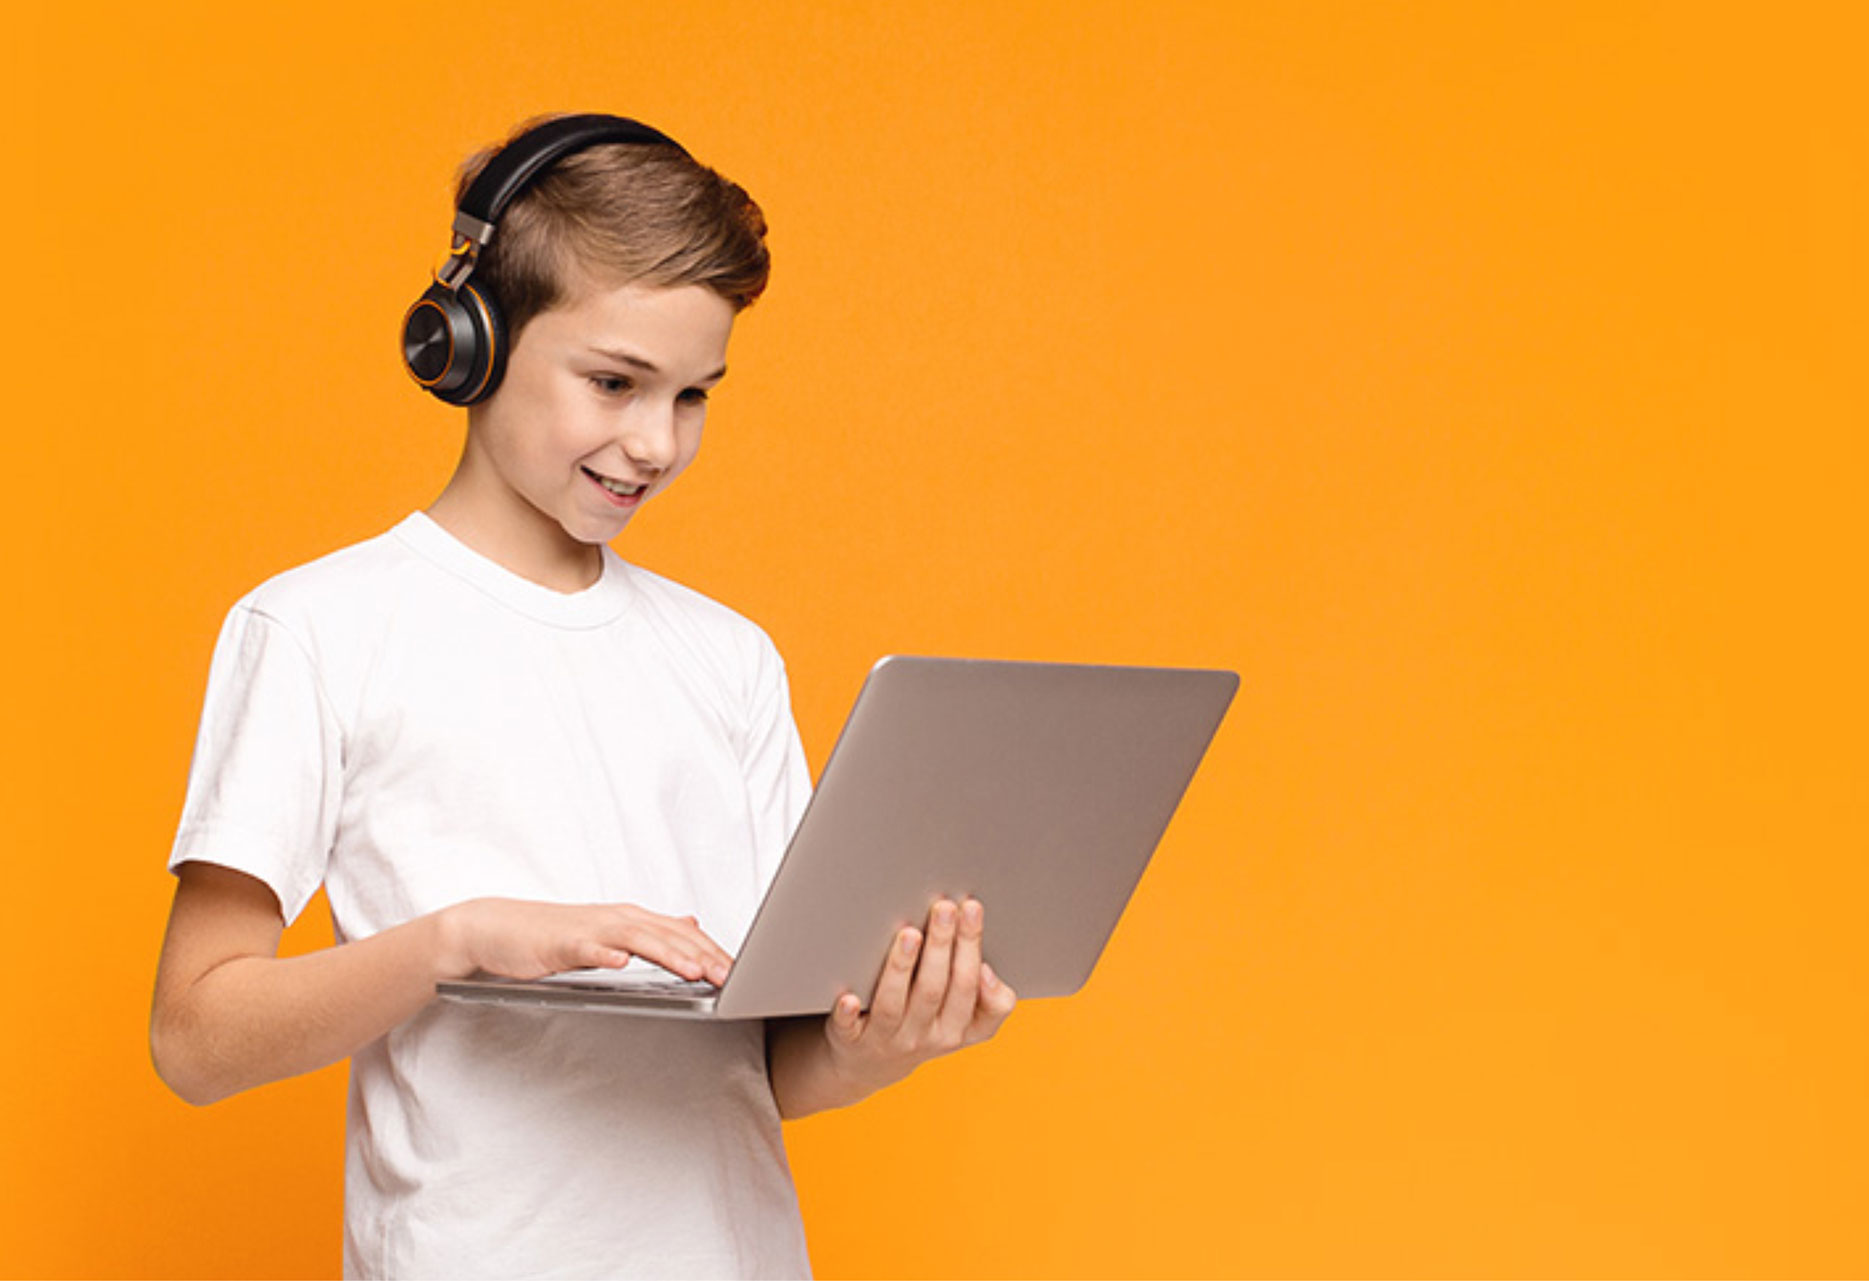 برگزاری جلسات و رویدادهای آموزشی آنلاین